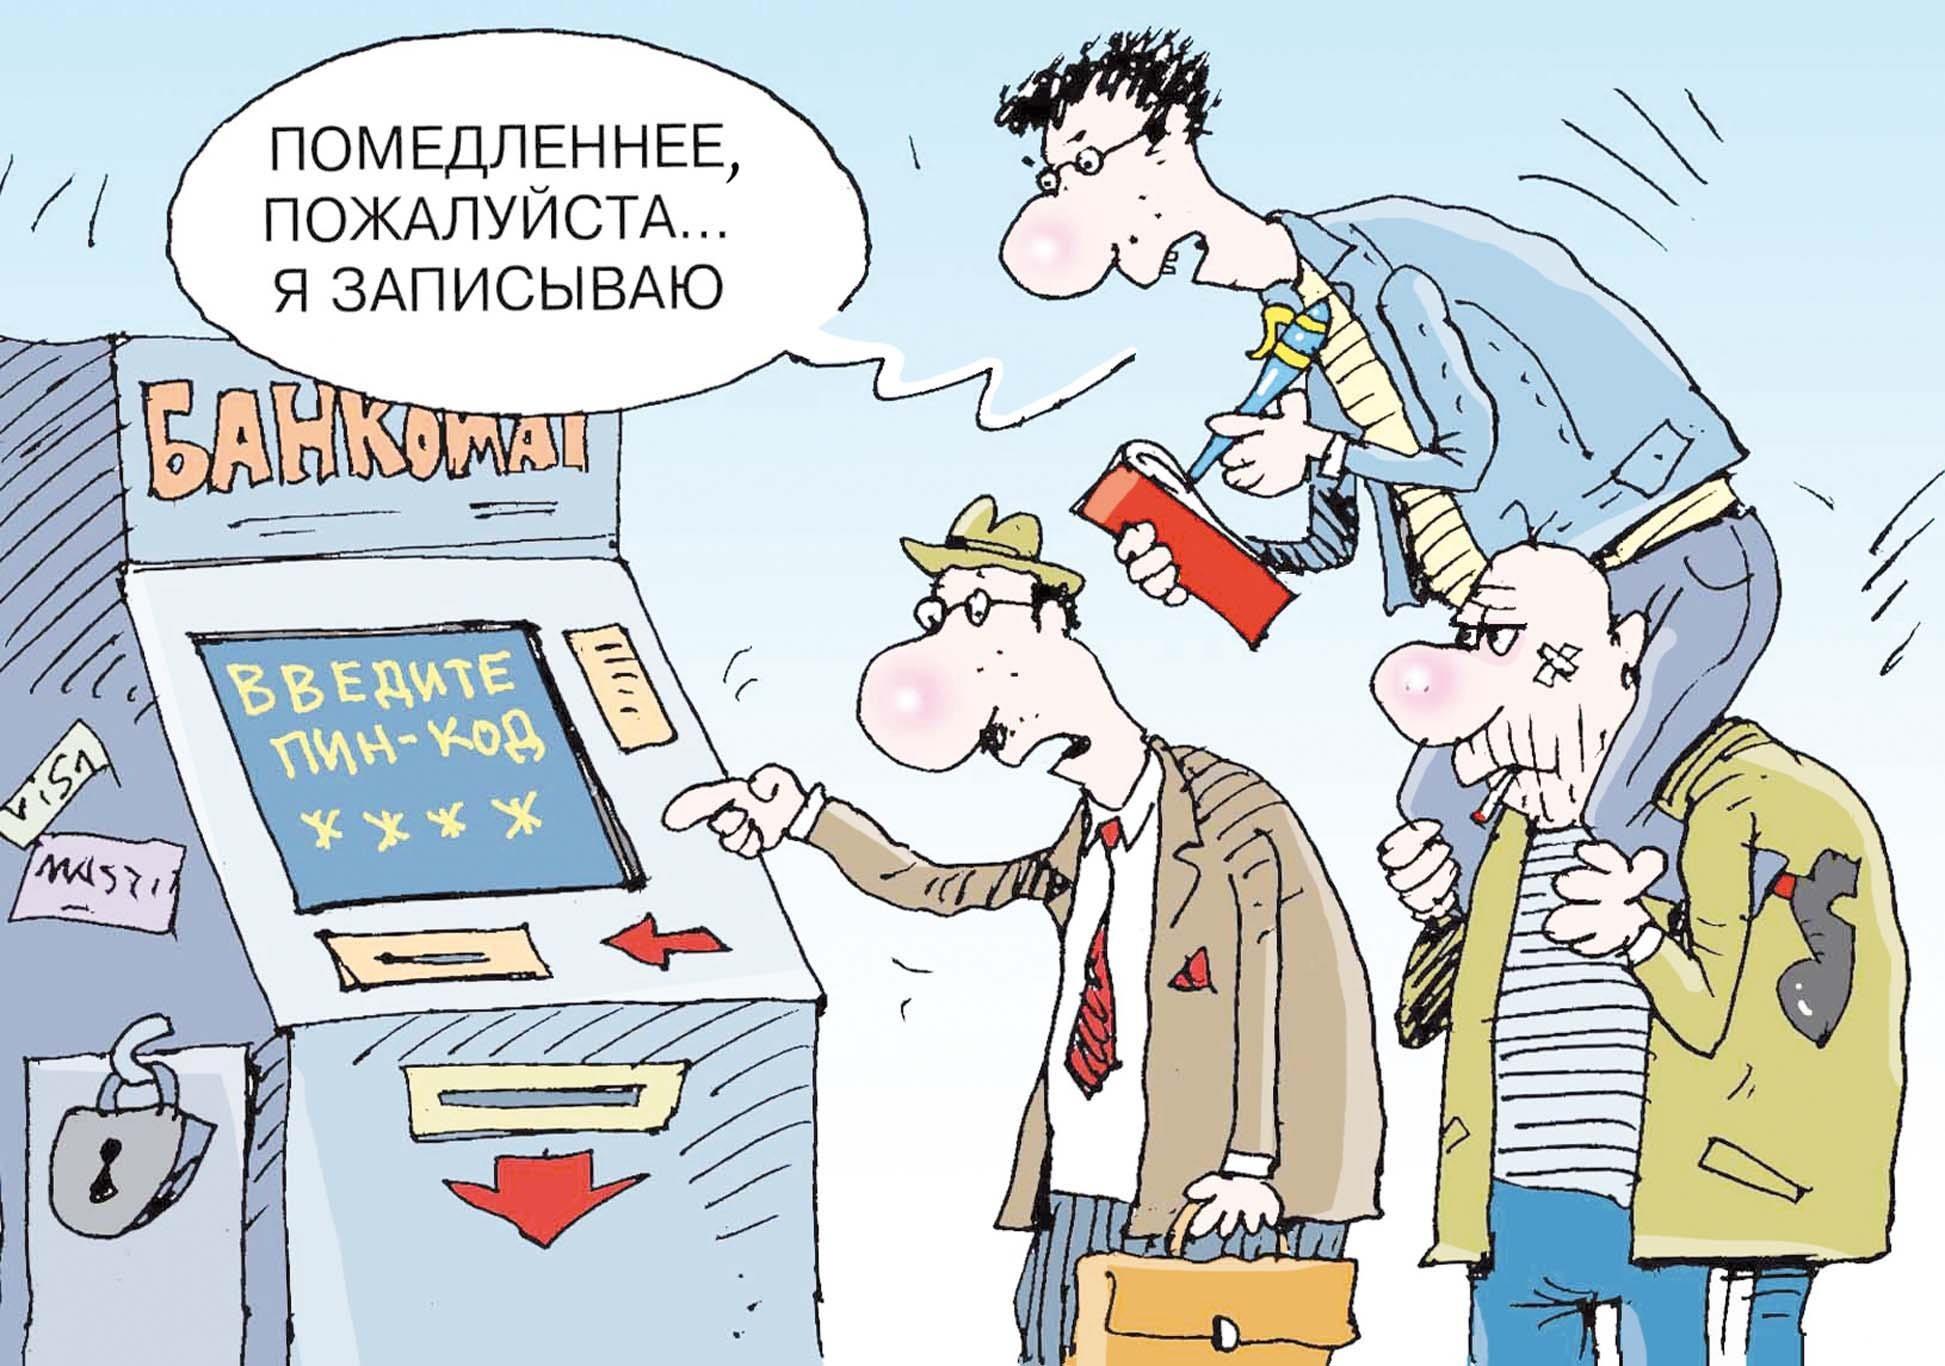 Почти 7,5 млн рублей похитили у жителей